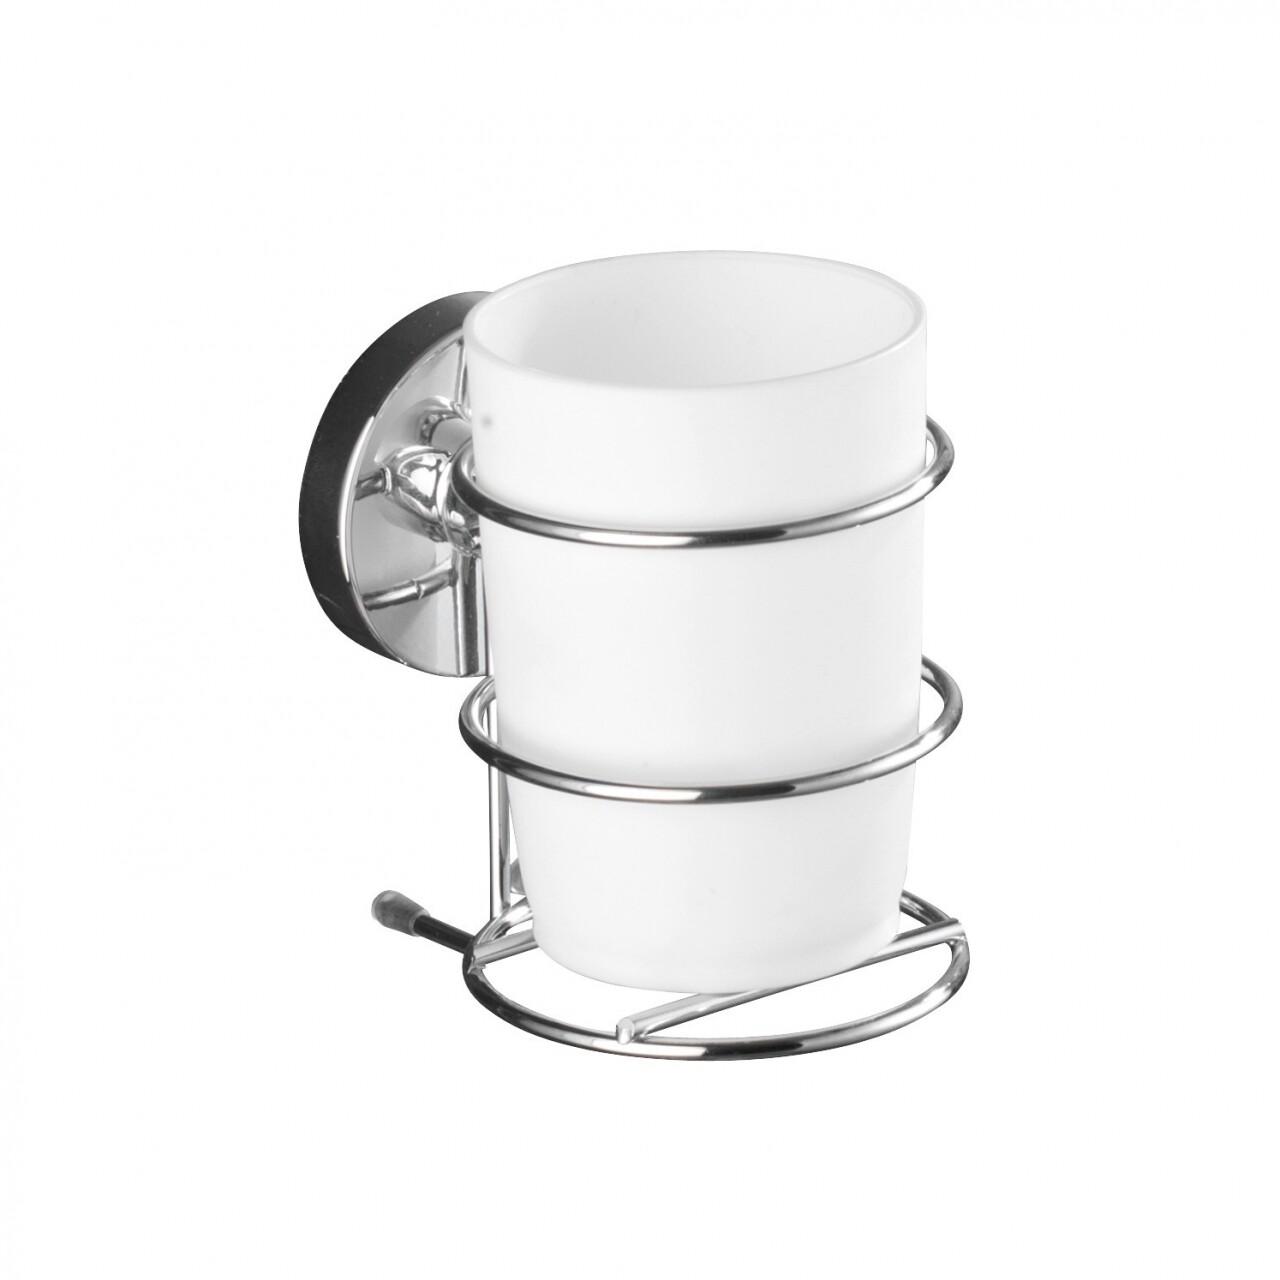 Suport periute de dinti Wenko Vacuum-Loc®, 7.5 x 11.5 cm, otel/polipropilena, argintiu